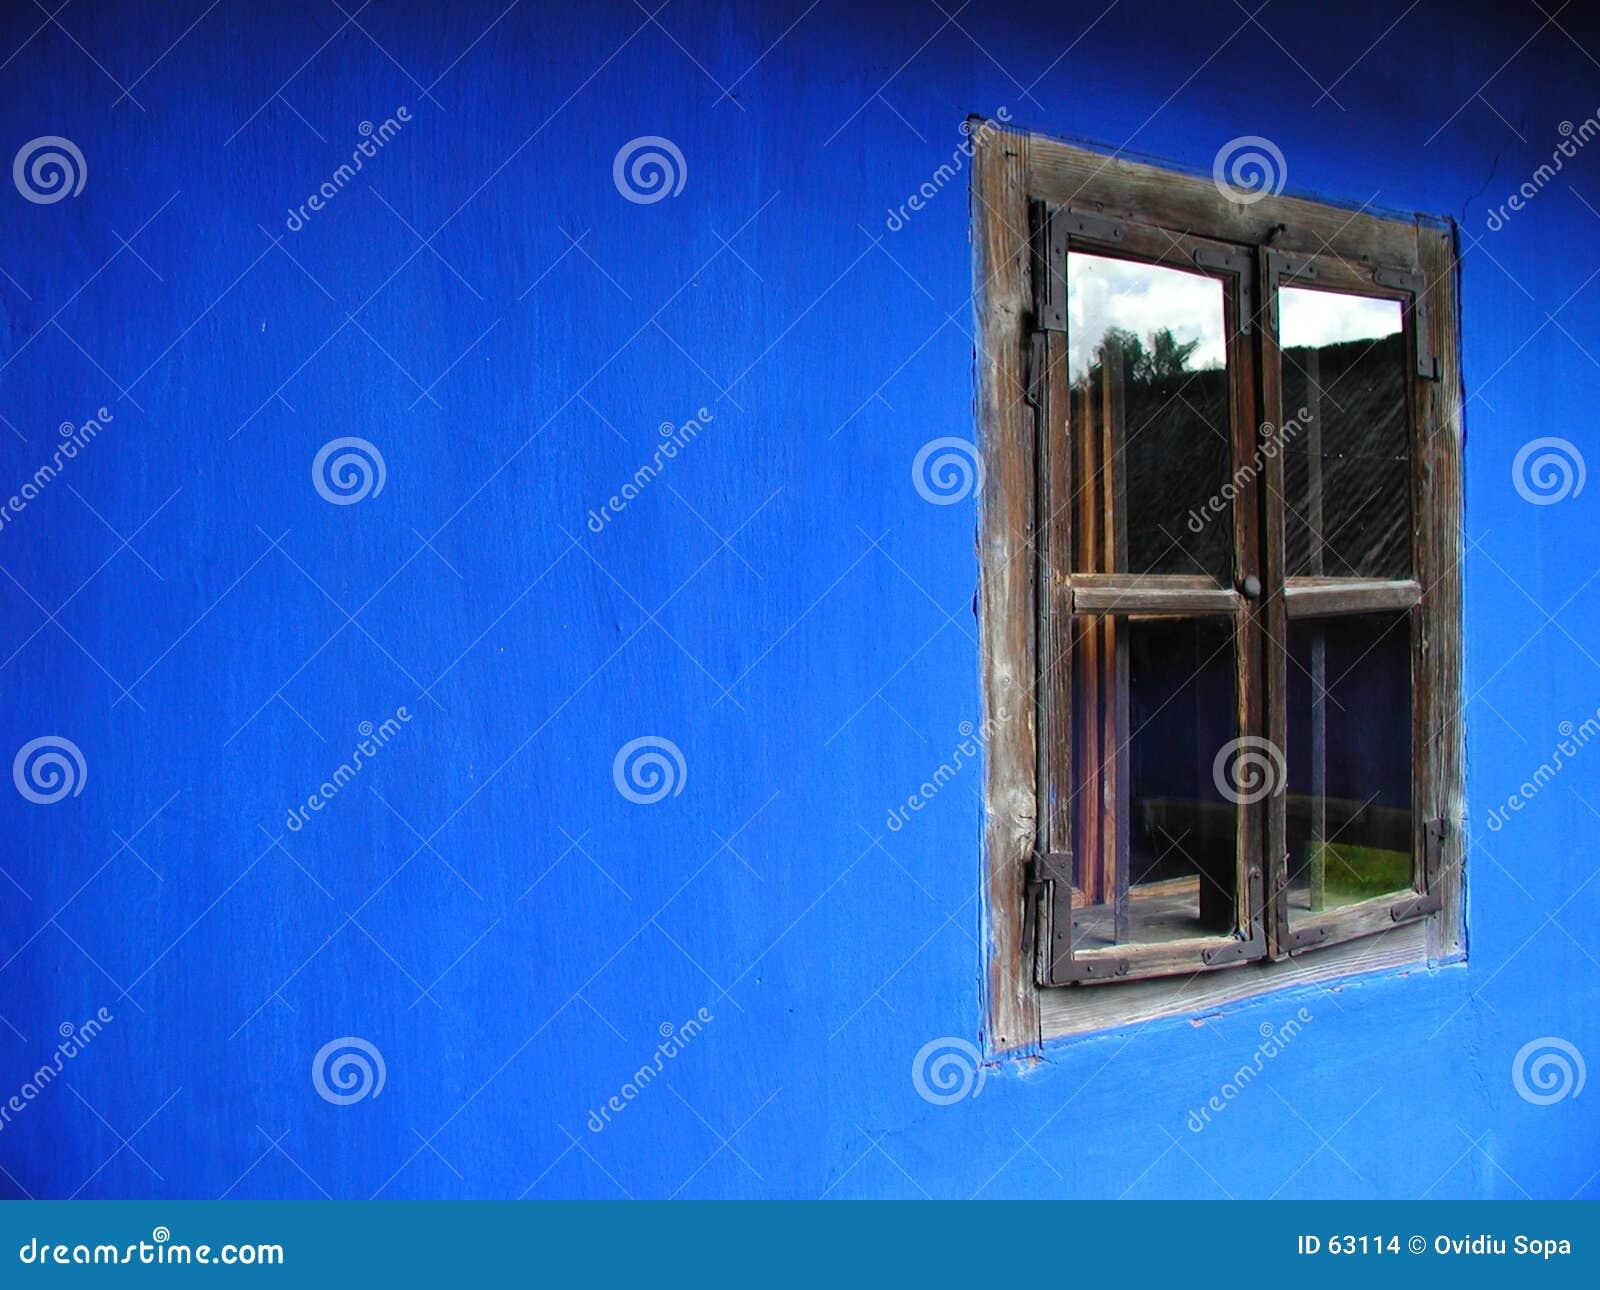 Window on a blue house